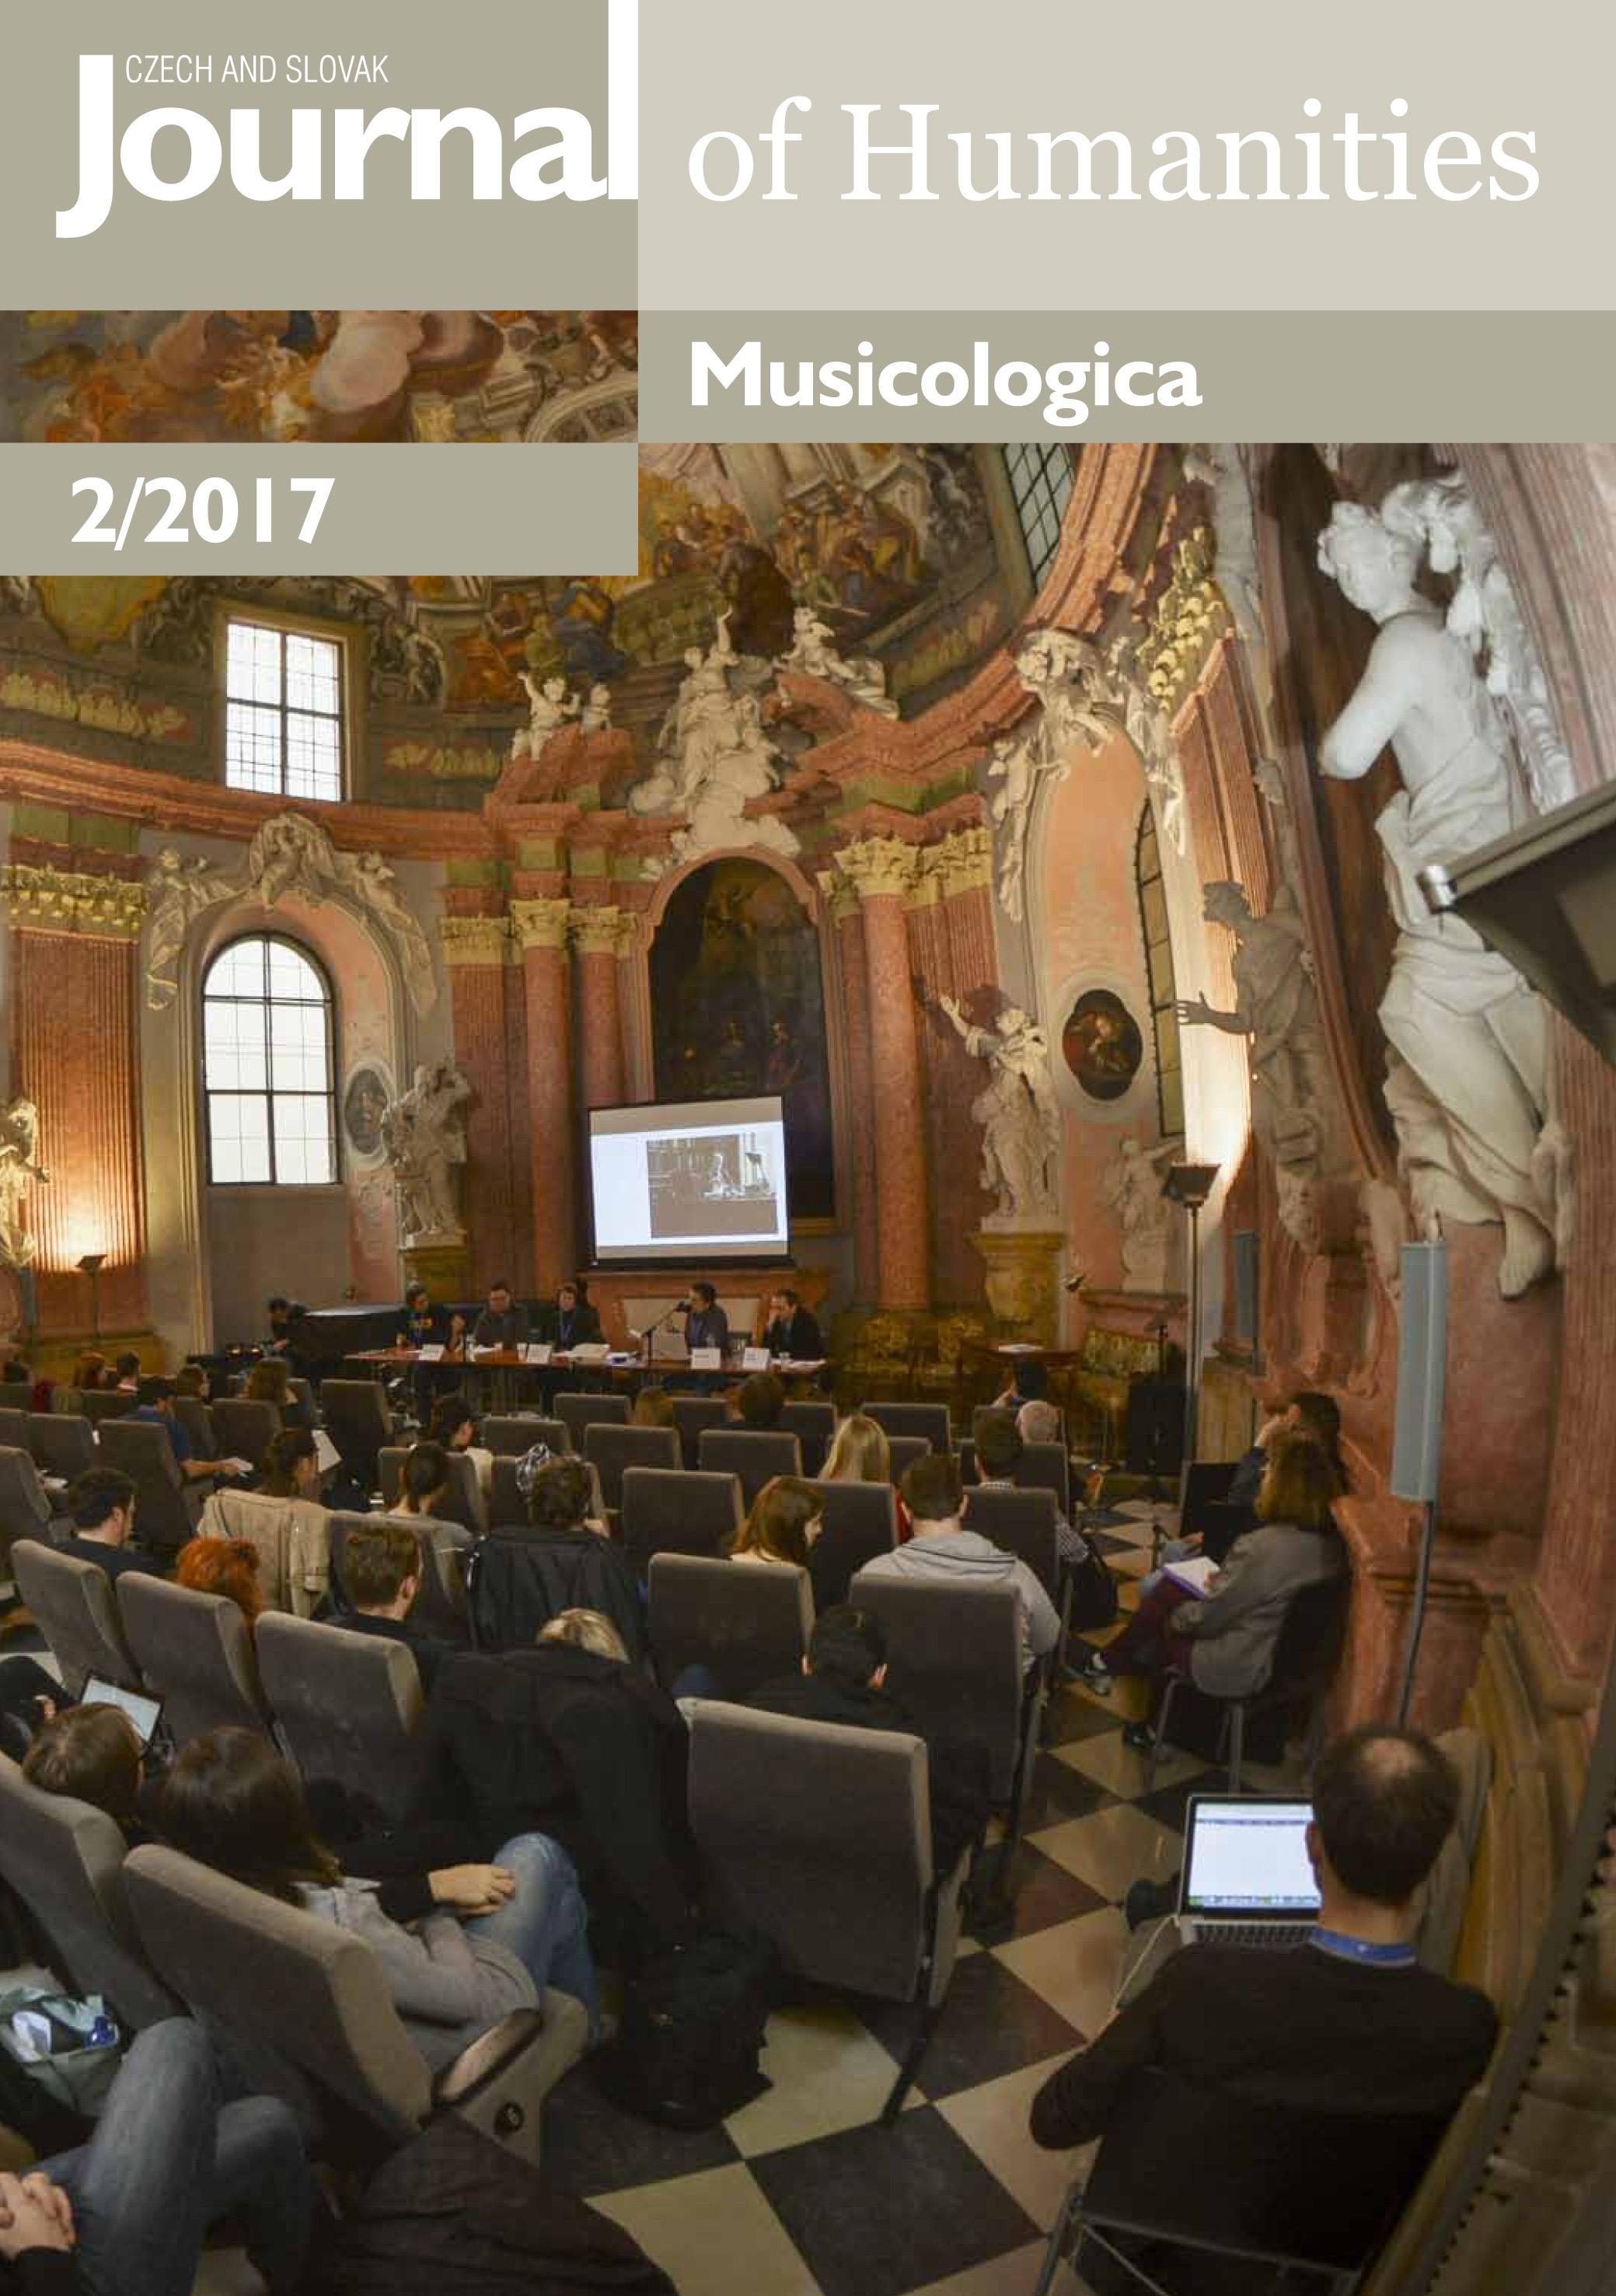 Musicologica 2/2017